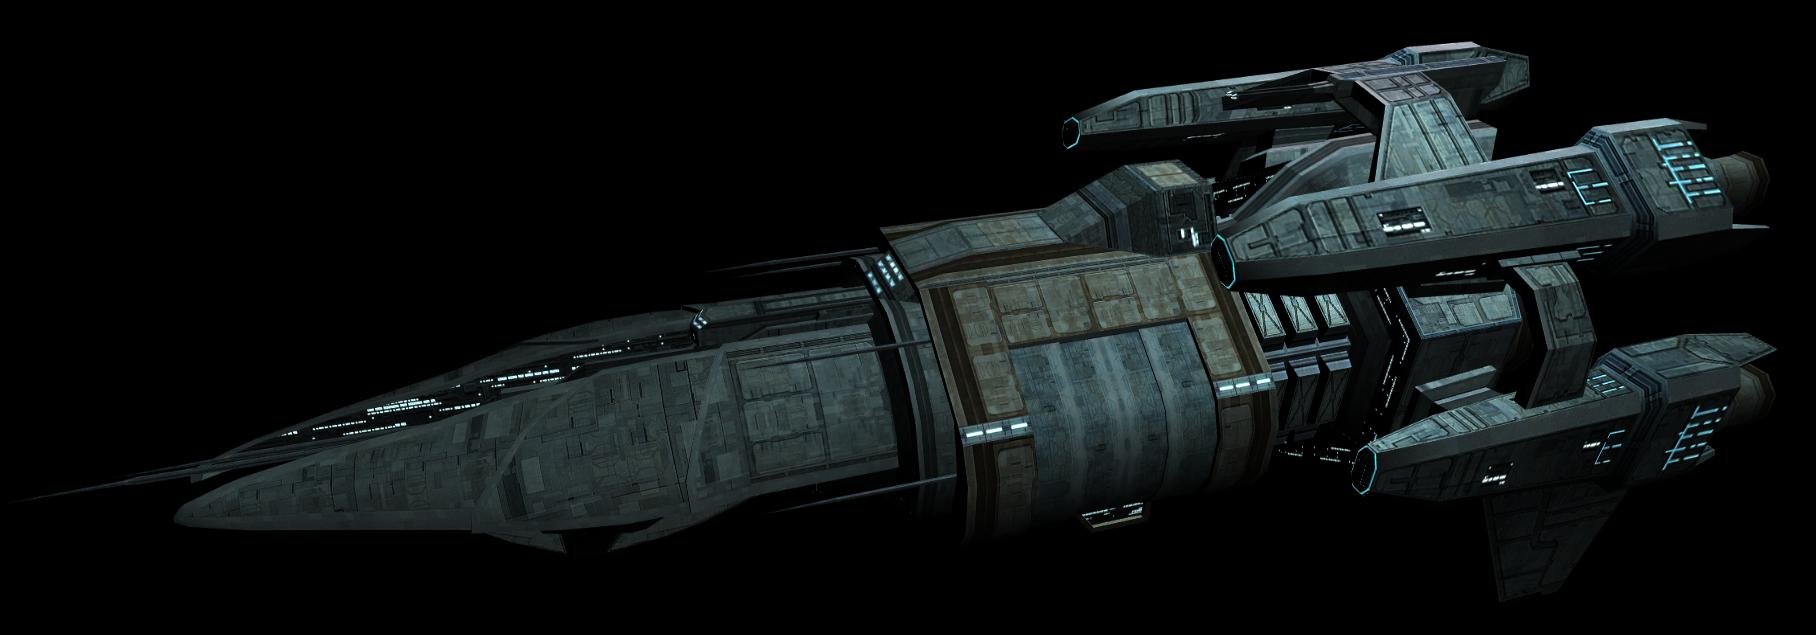 グリフィン級フリゲート艦